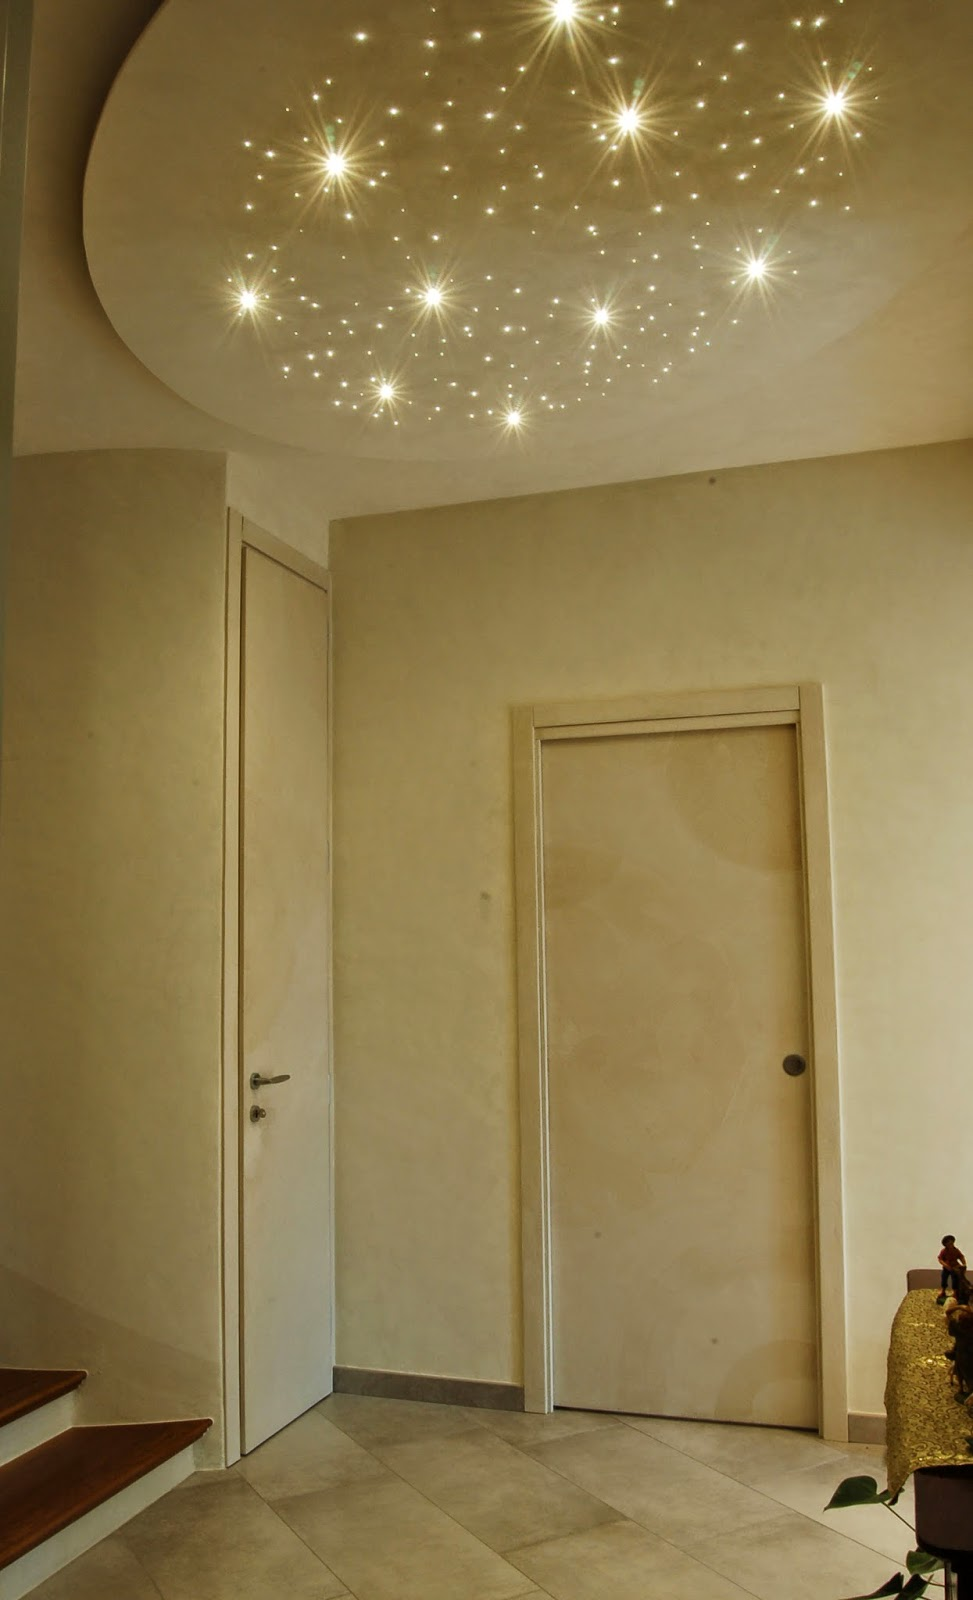 Illuminazione led casa febbraio 2015 for Illuminazione led casa esterno